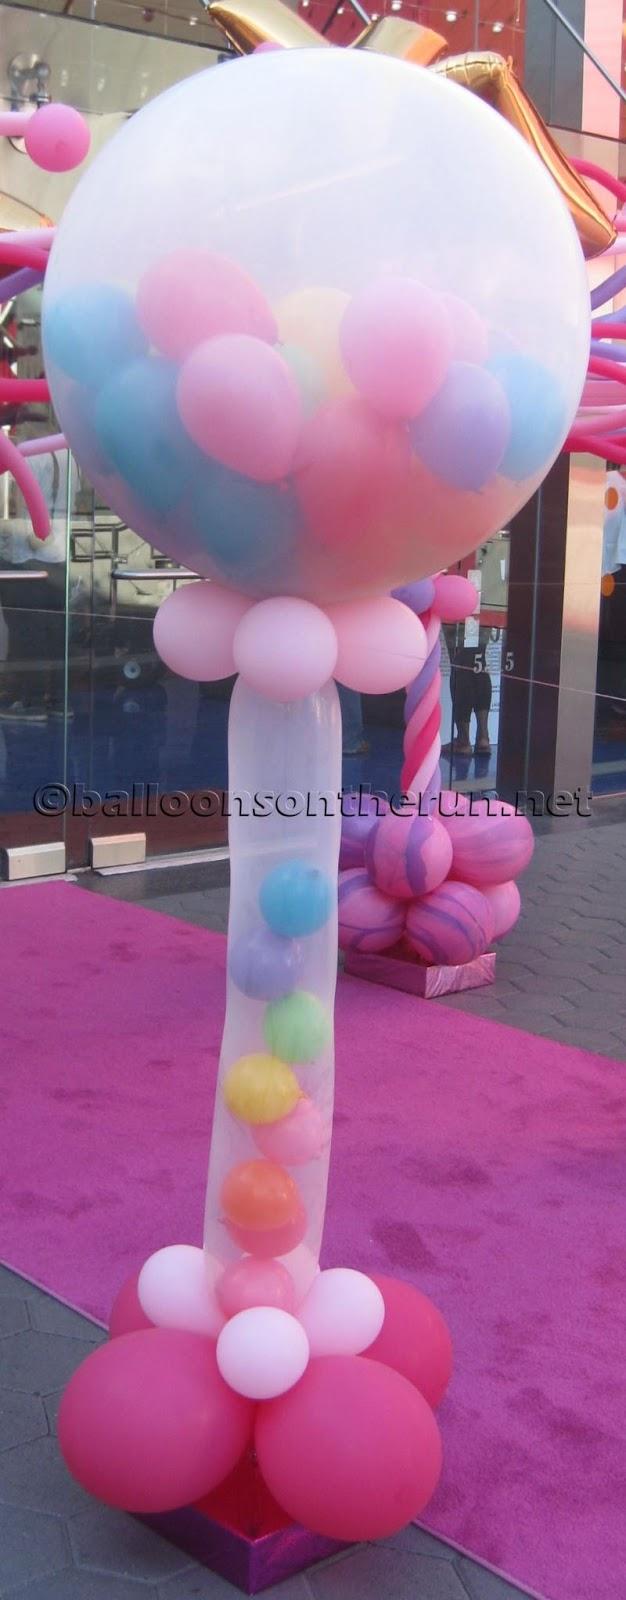 Balloon Designs Pictures Balloon Column